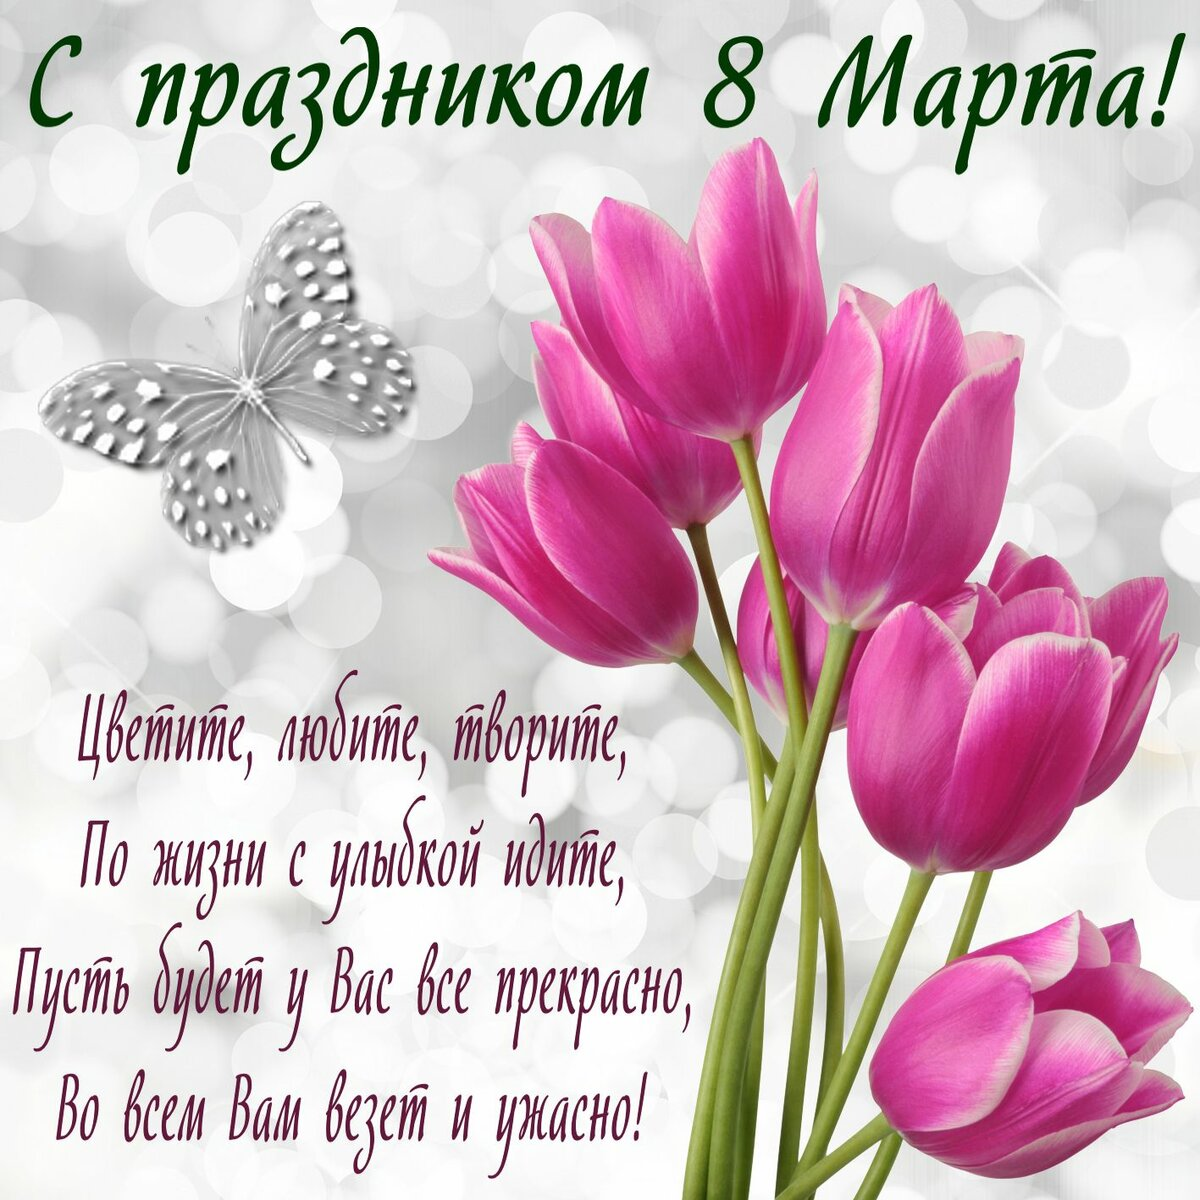 Флеш поздравления с 8 марта, каникулы